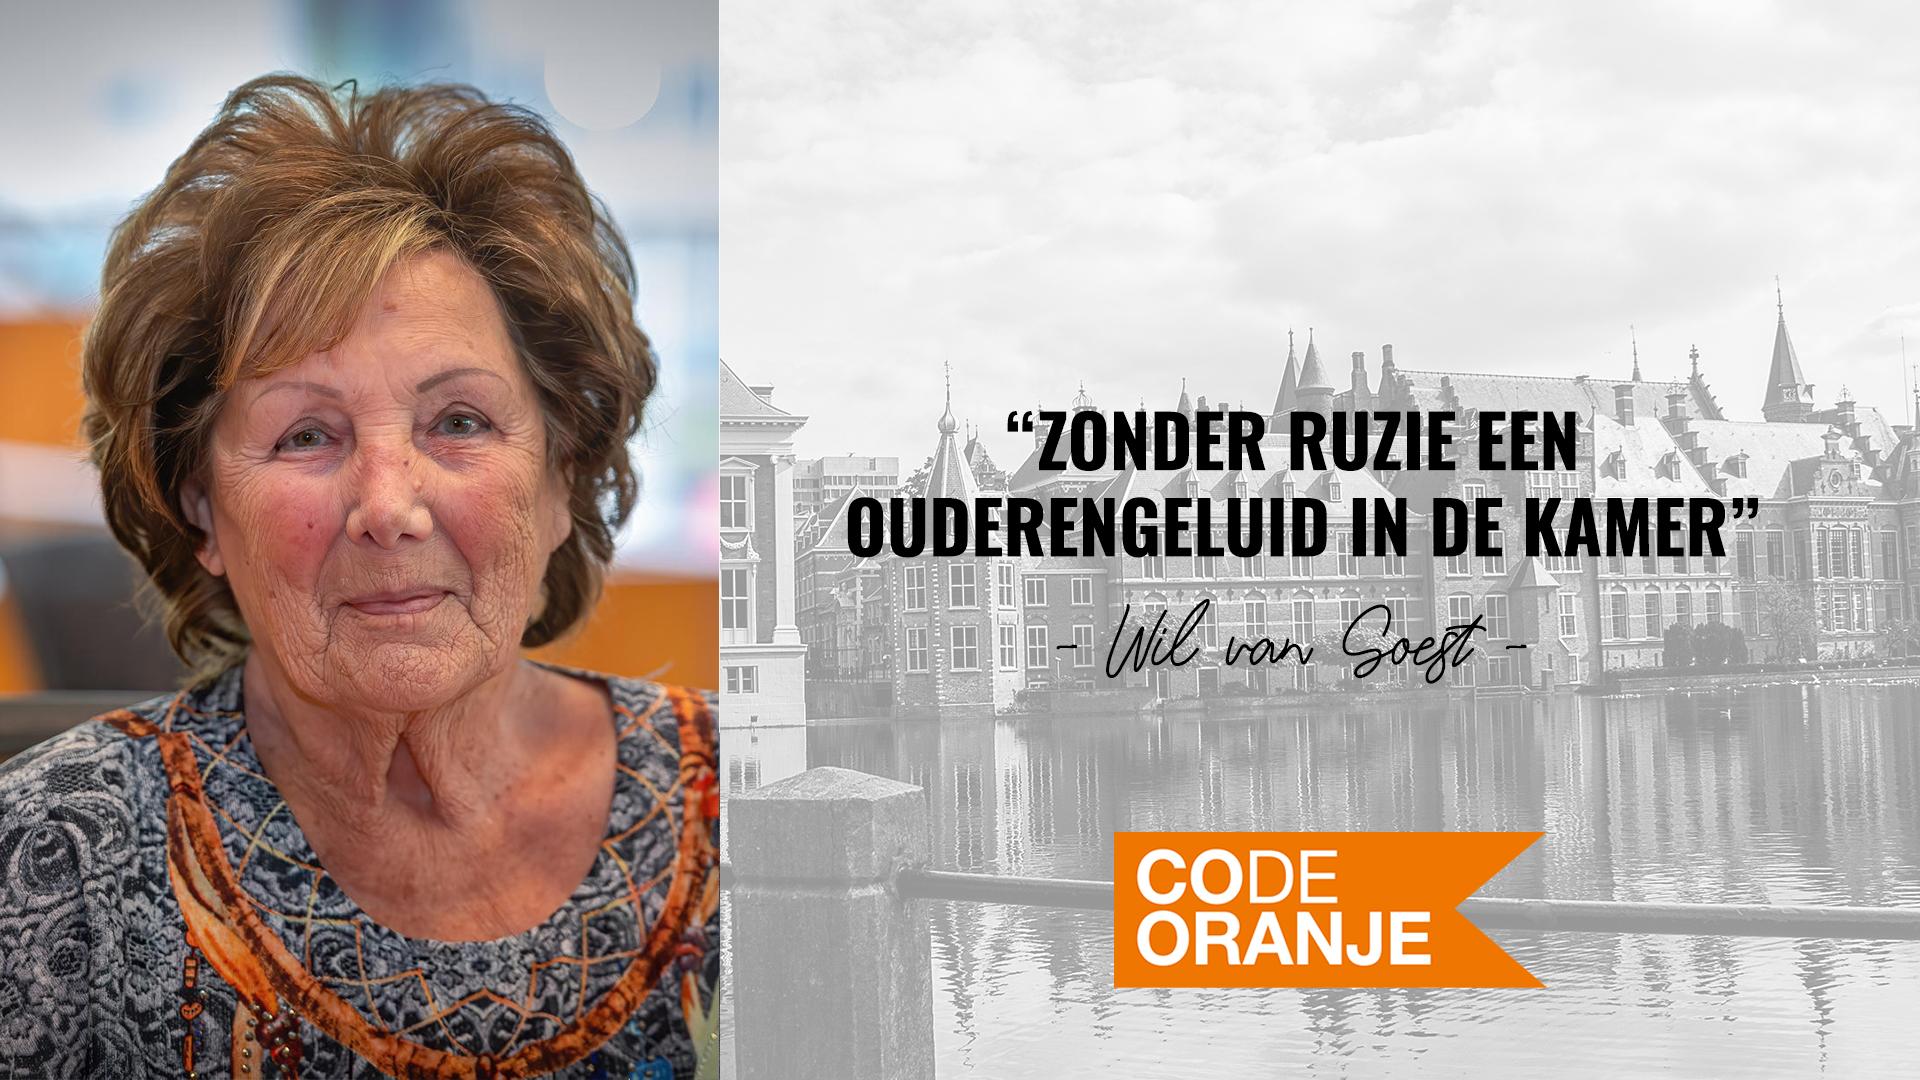 Wil van Soest